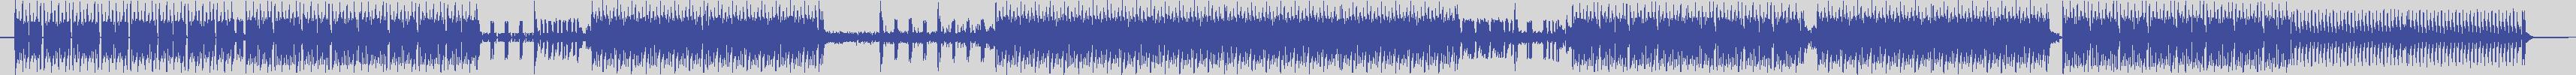 just_digital_records [JS1065] Dj Alex Del Lago - What's Music [Original Mix] audio wave form